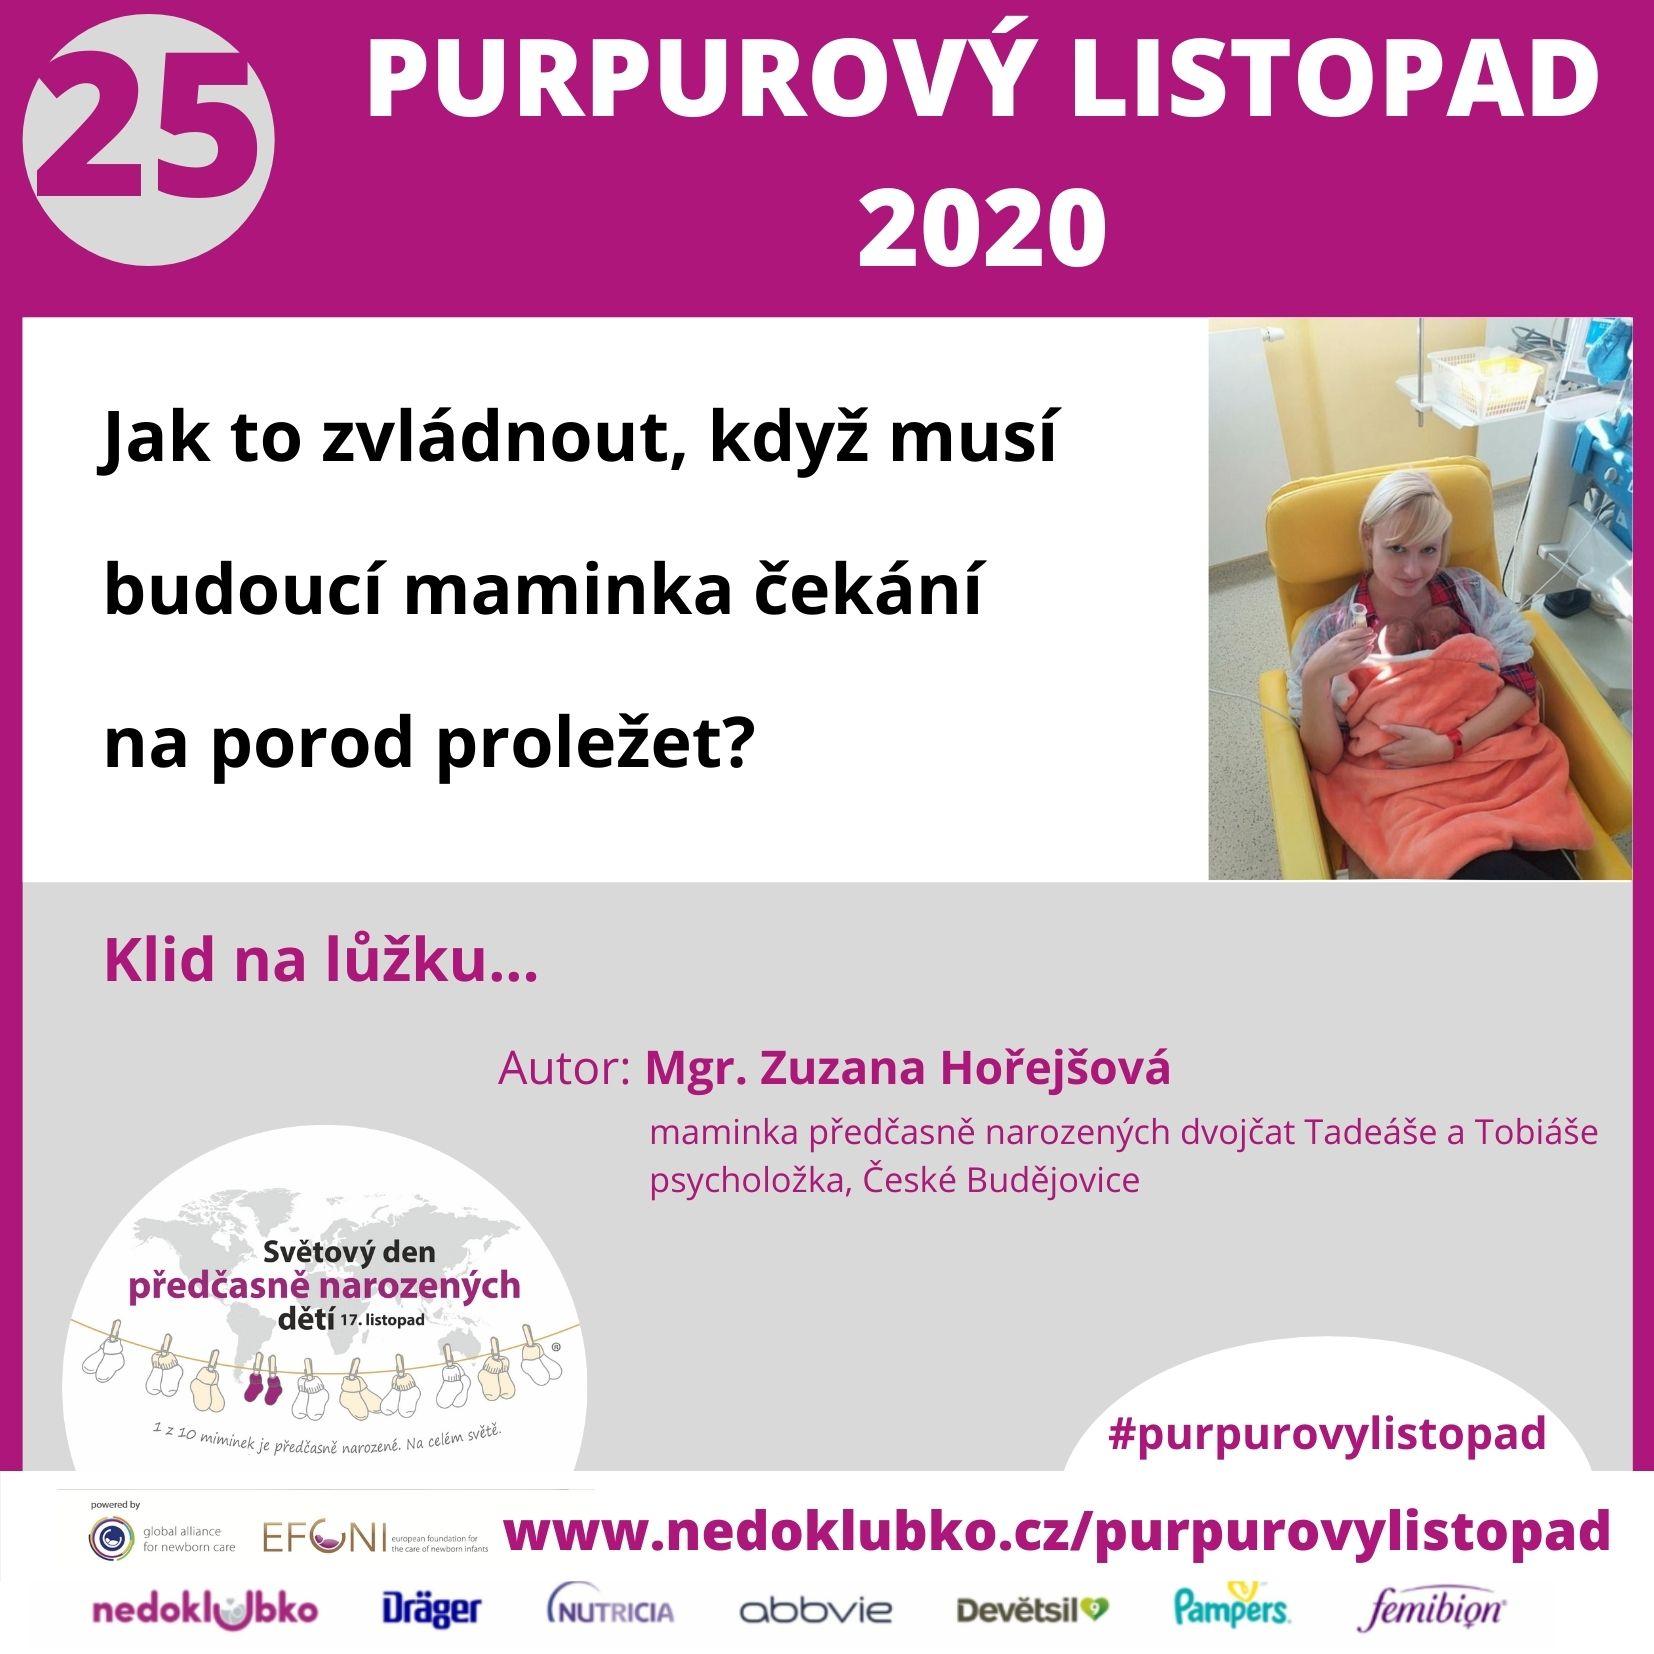 Purpurový listopad25 - Horejsova